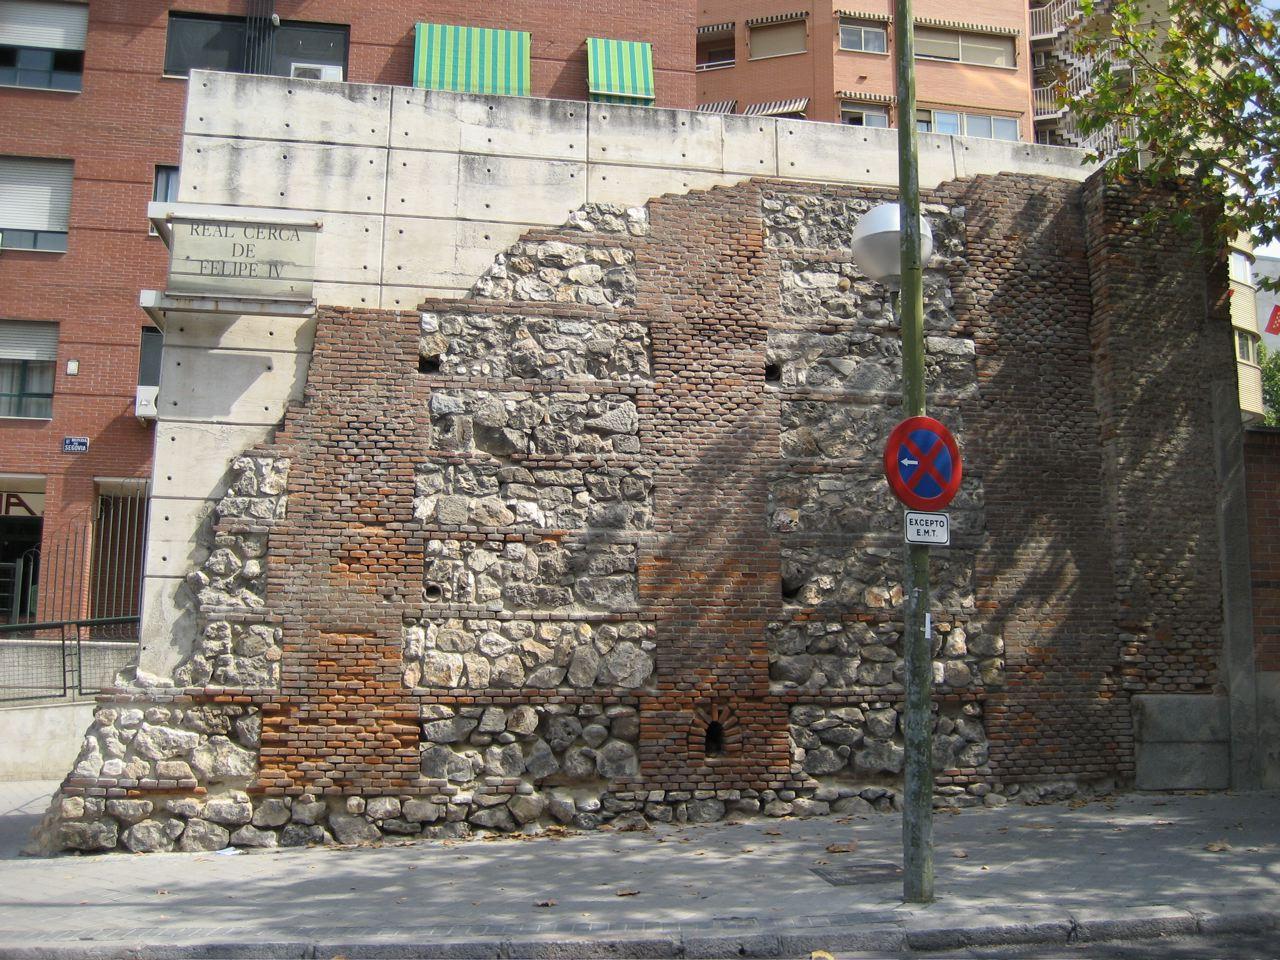 Restos Real Cerca de Felipe IV en la Ronda de Segovia